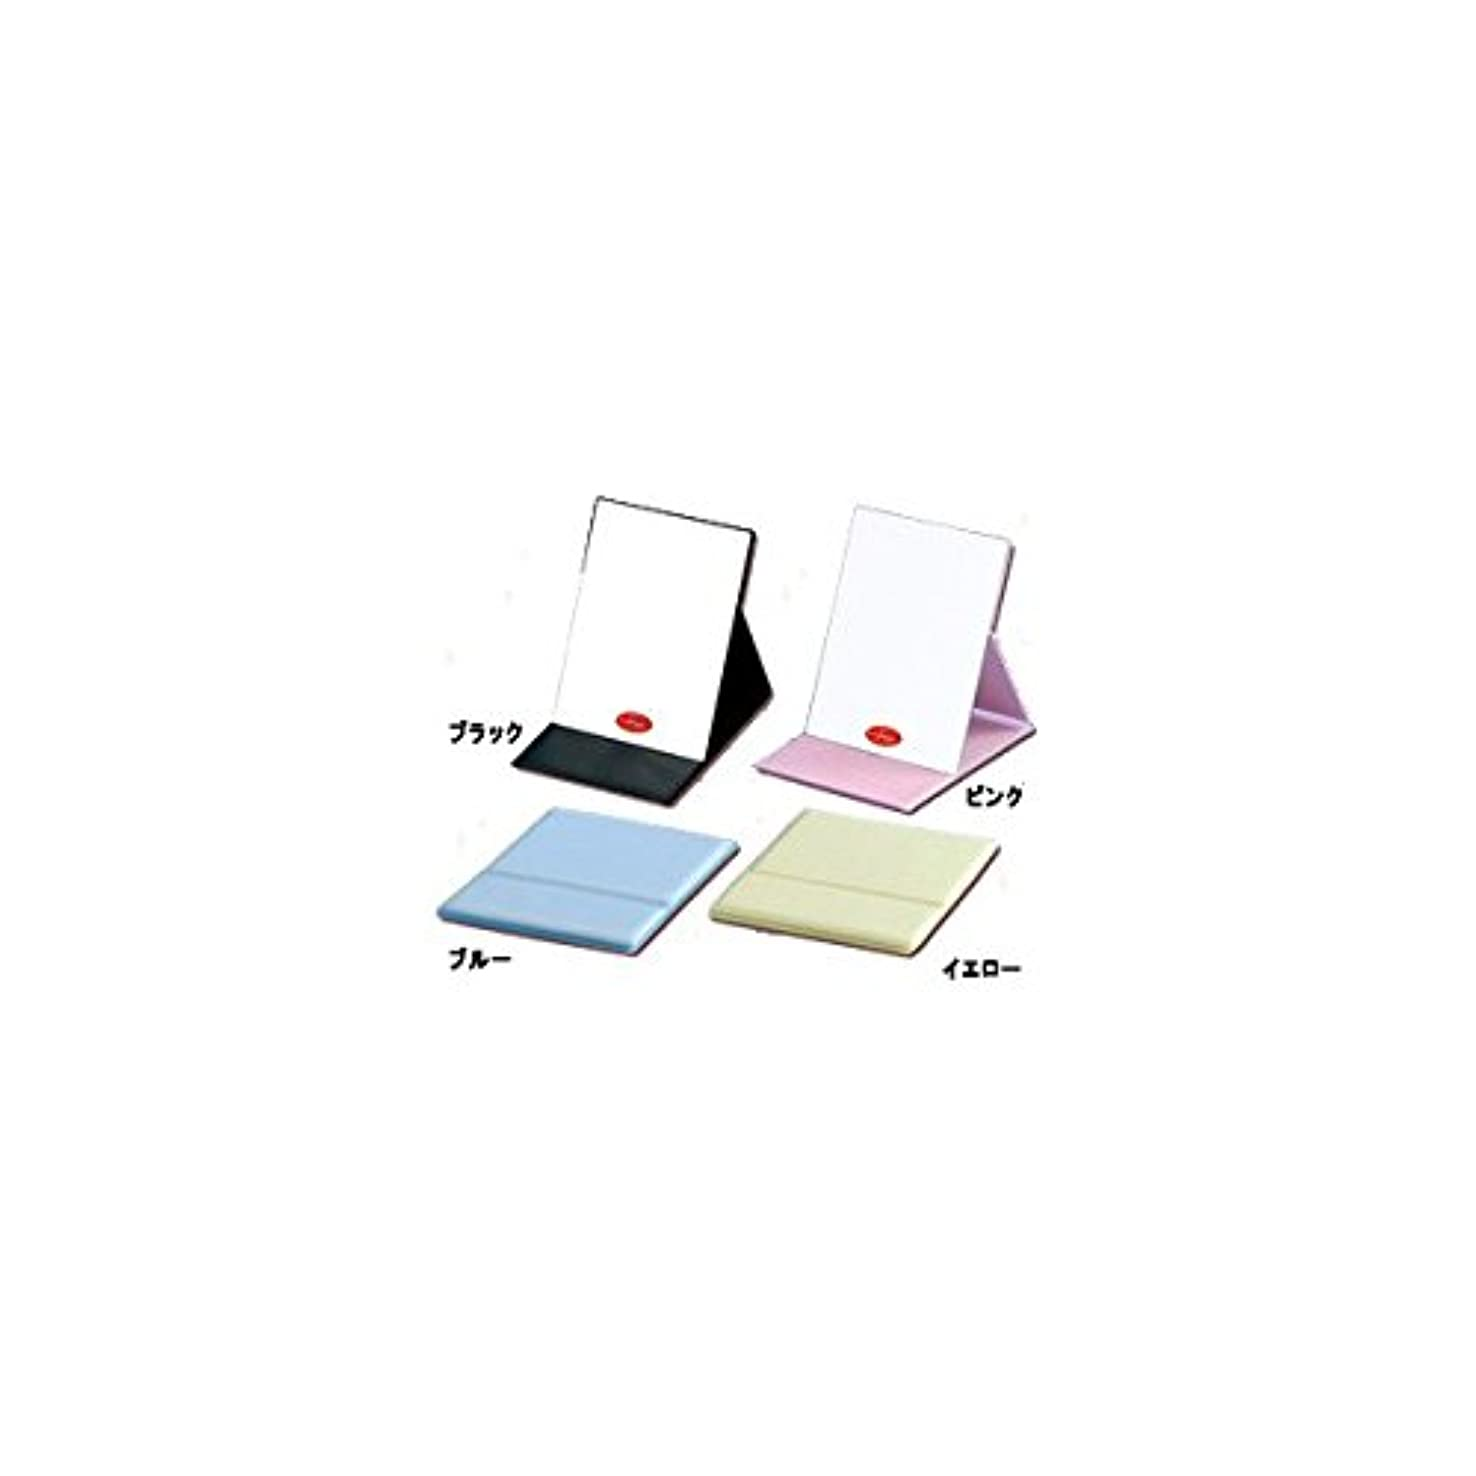 コミットメント観光に行く割り当てるナピュア プロモデル カラーバージョン折立ミラー M ピンク